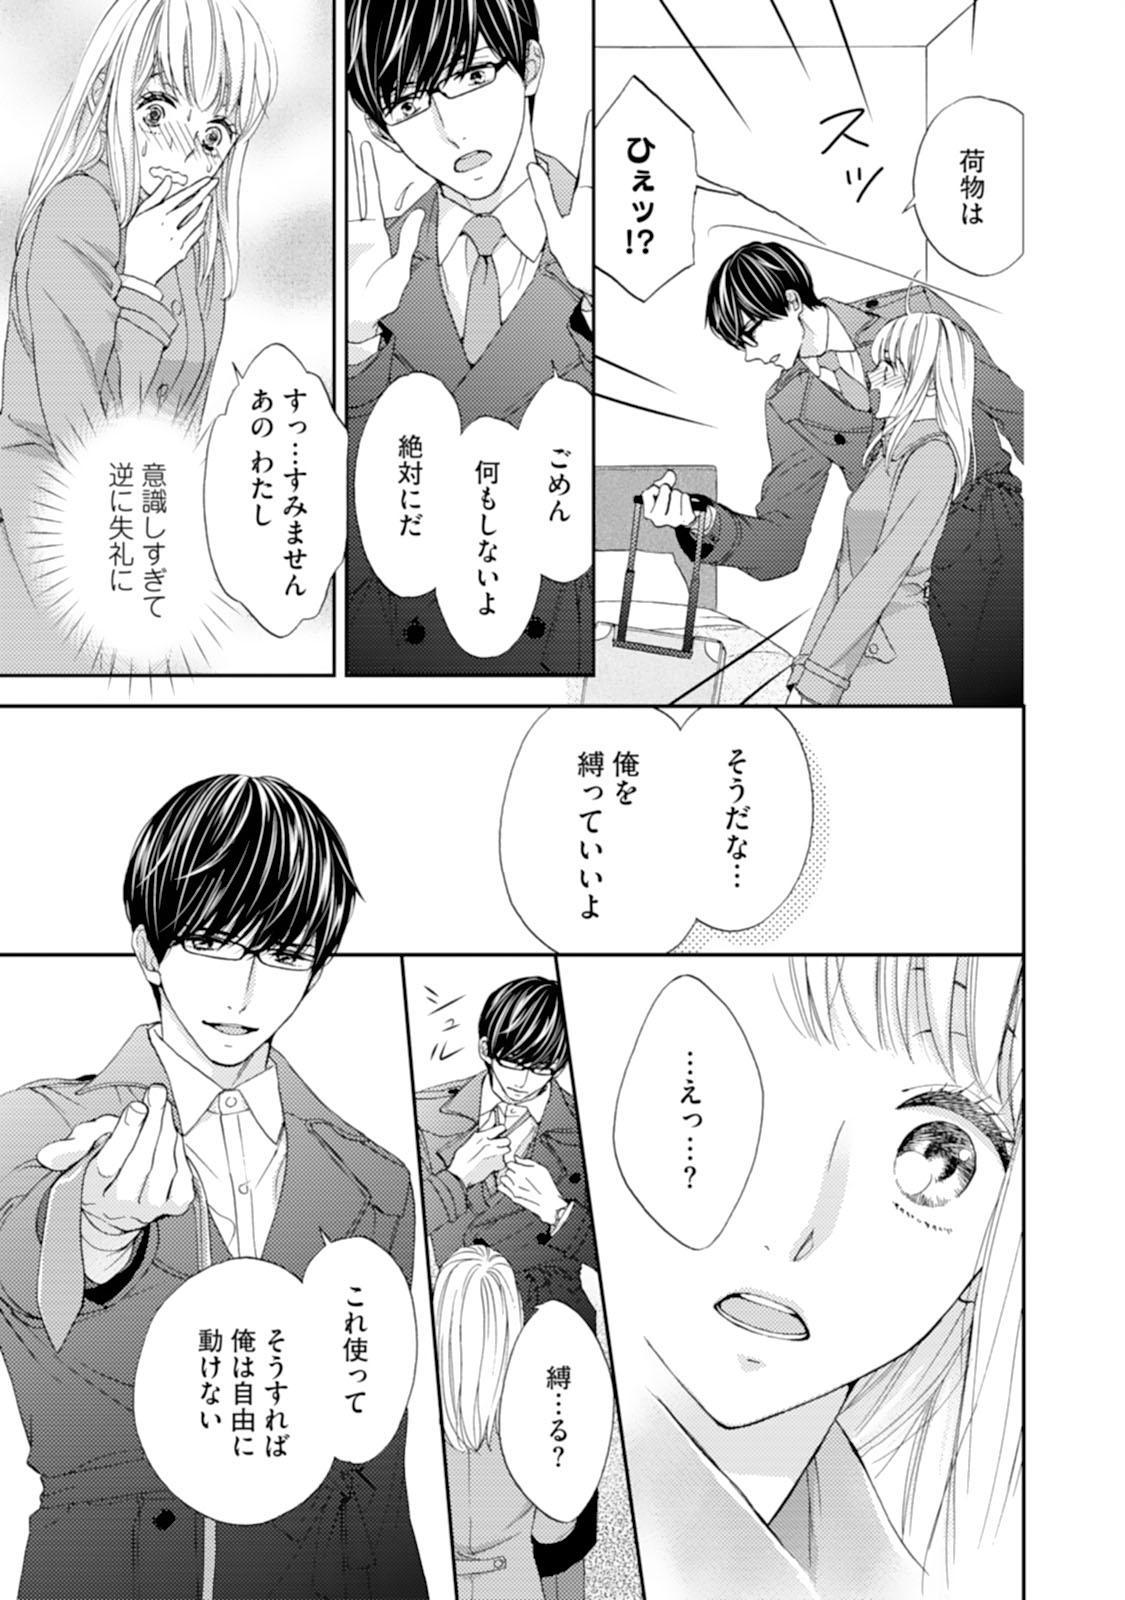 [Adumi Yuu] Choukyou-kei Danshi Ookami-sama to Koneko-chan Ch. 1-3 12